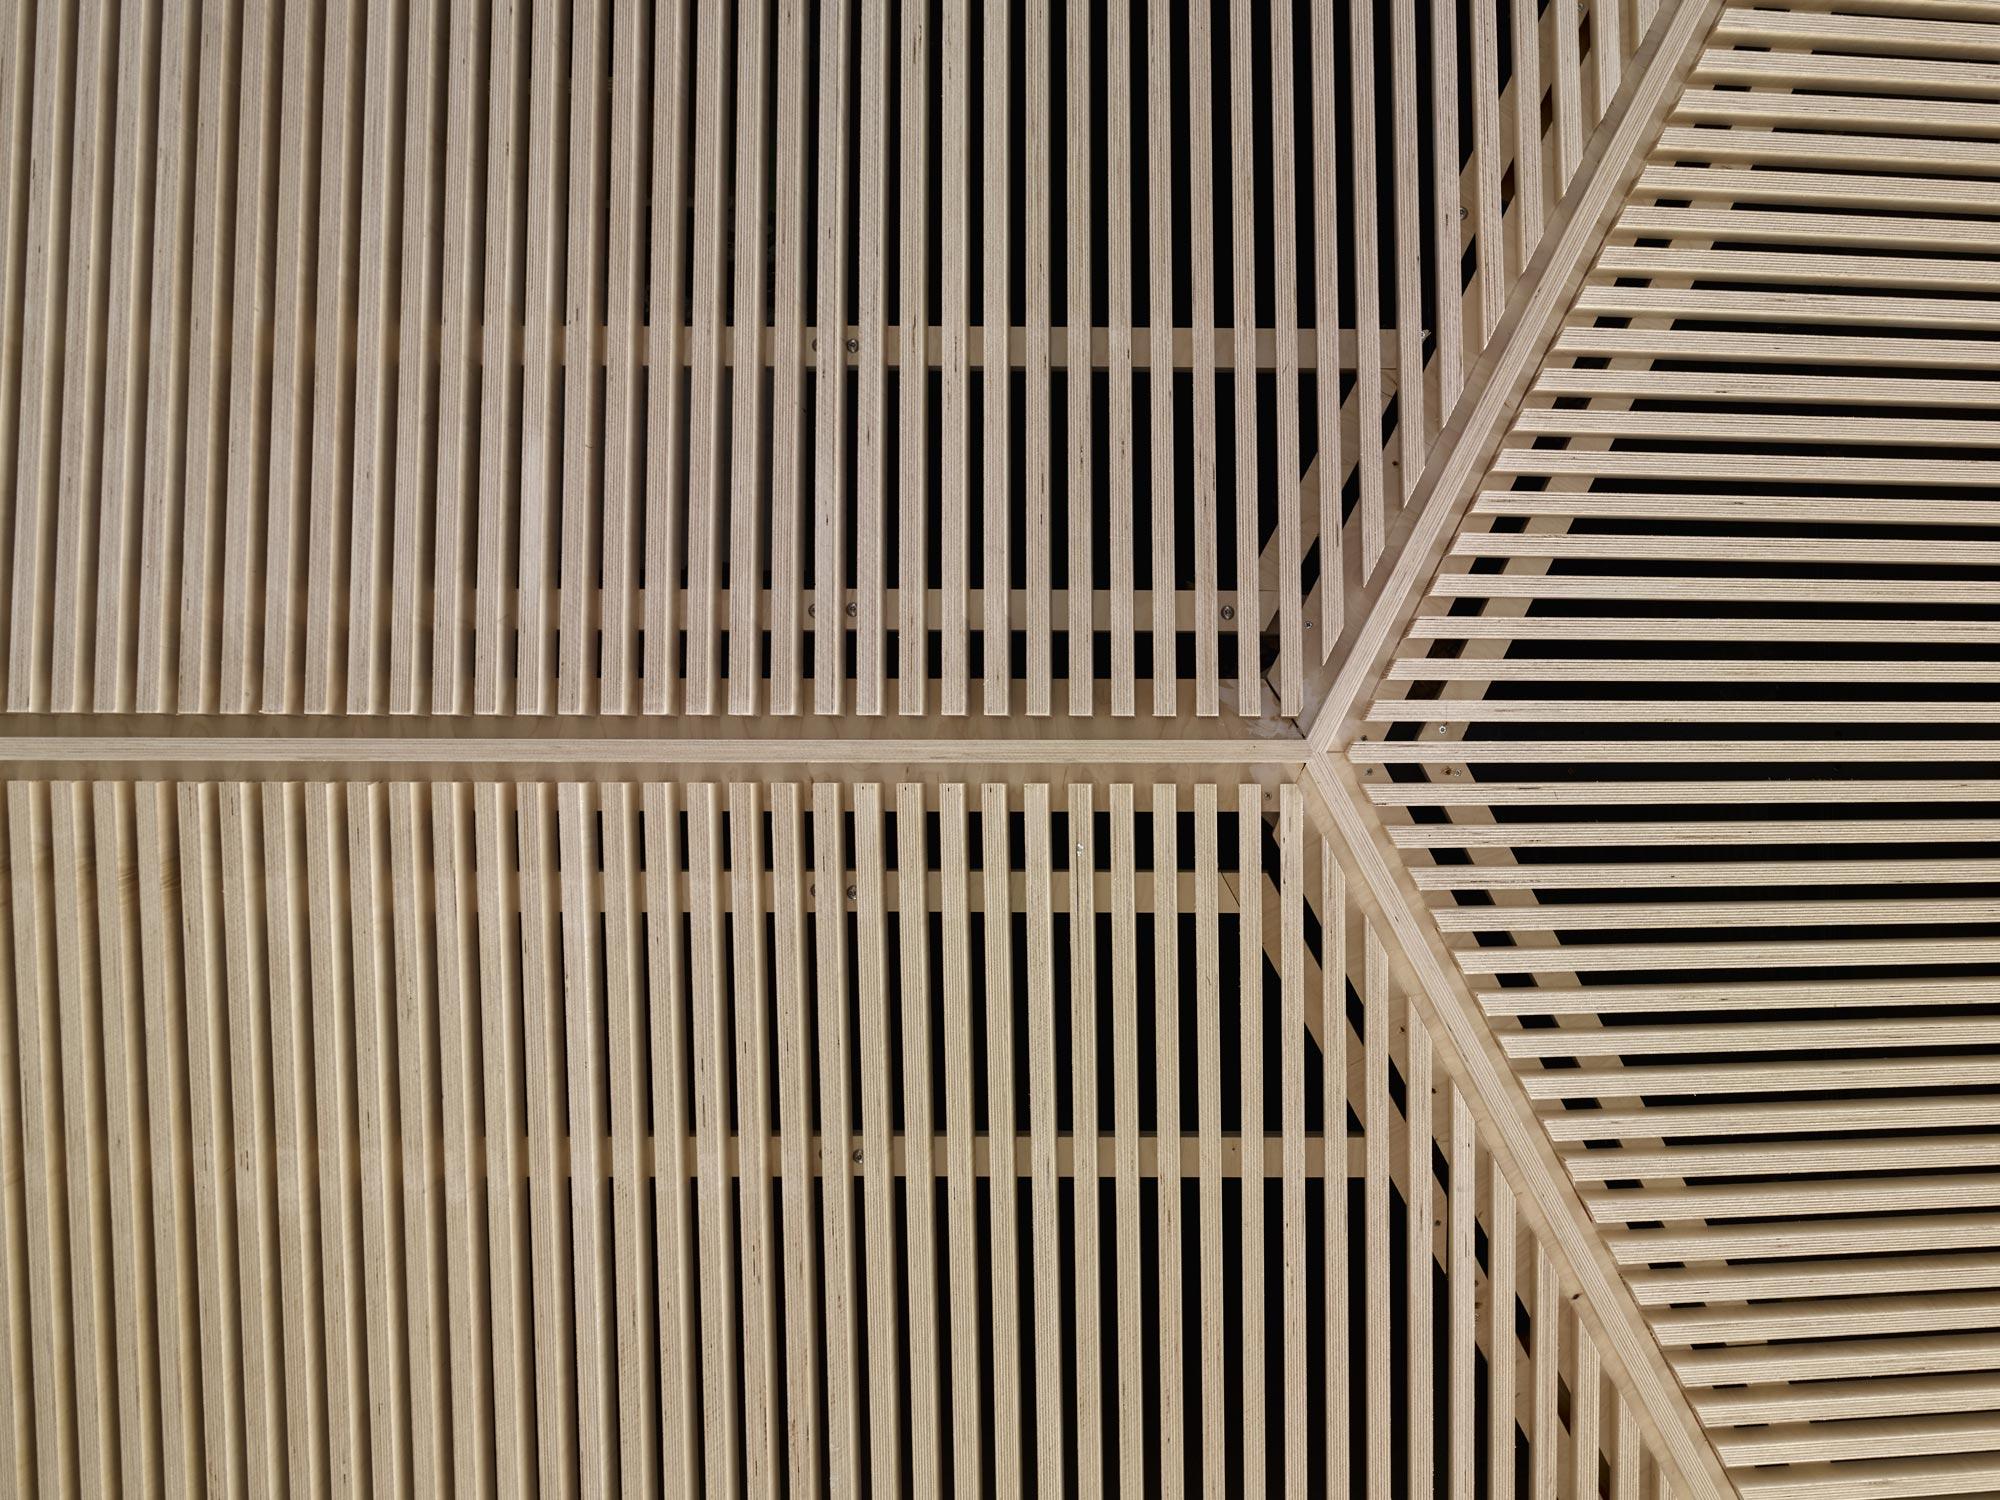 HEC STUDENT HOUSING, MARTIN DUPLANTIER ARCHITECTES © Yoahn Zerdoun